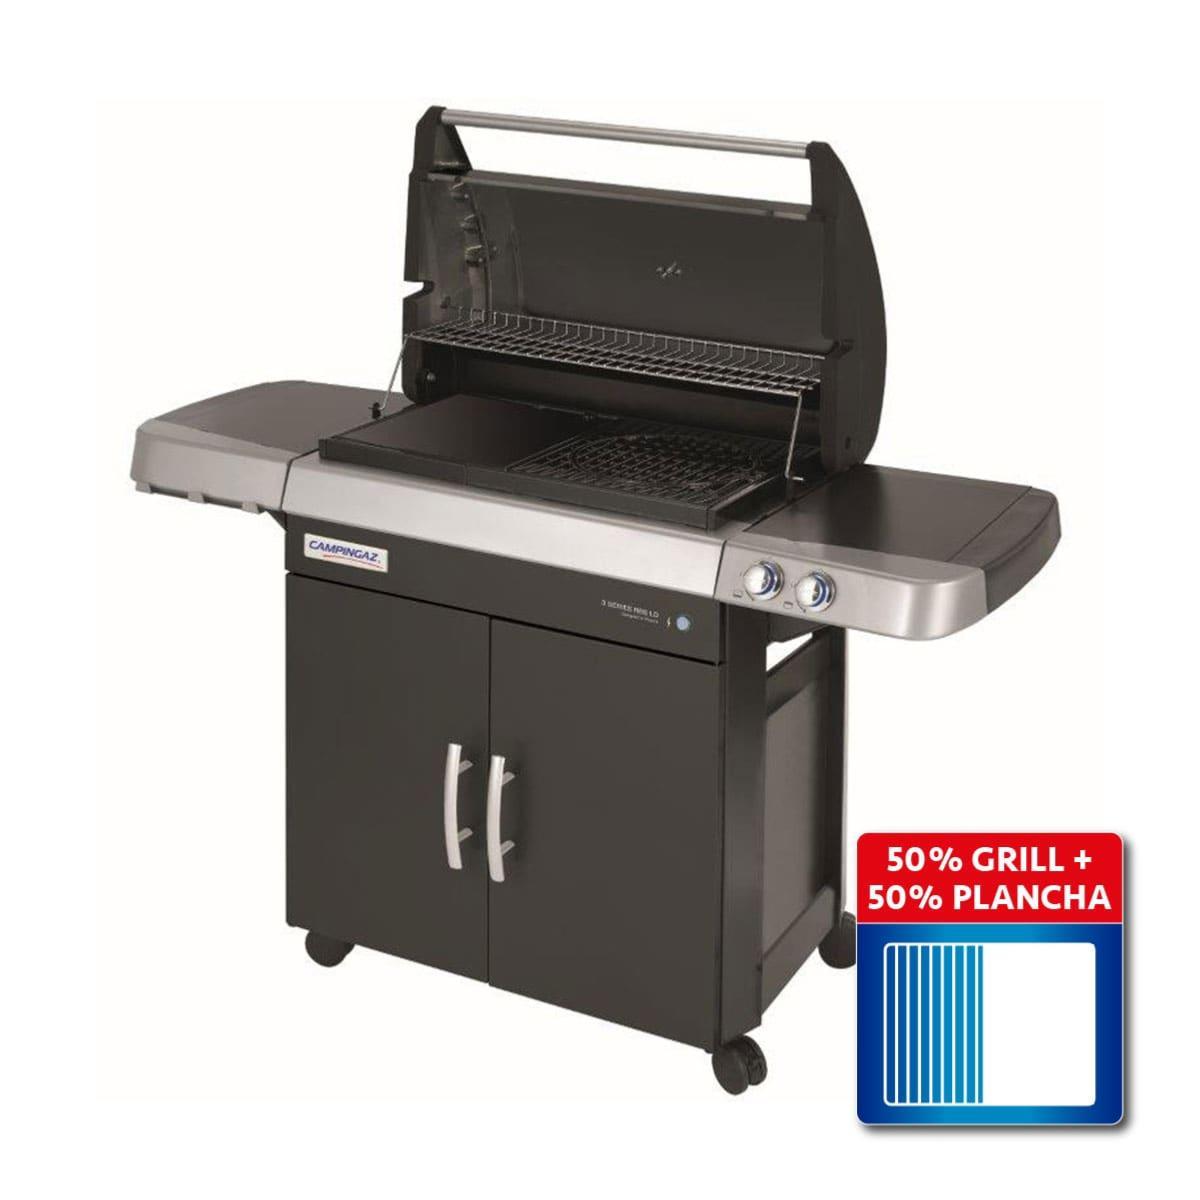 Barbecue Campingaz Vario